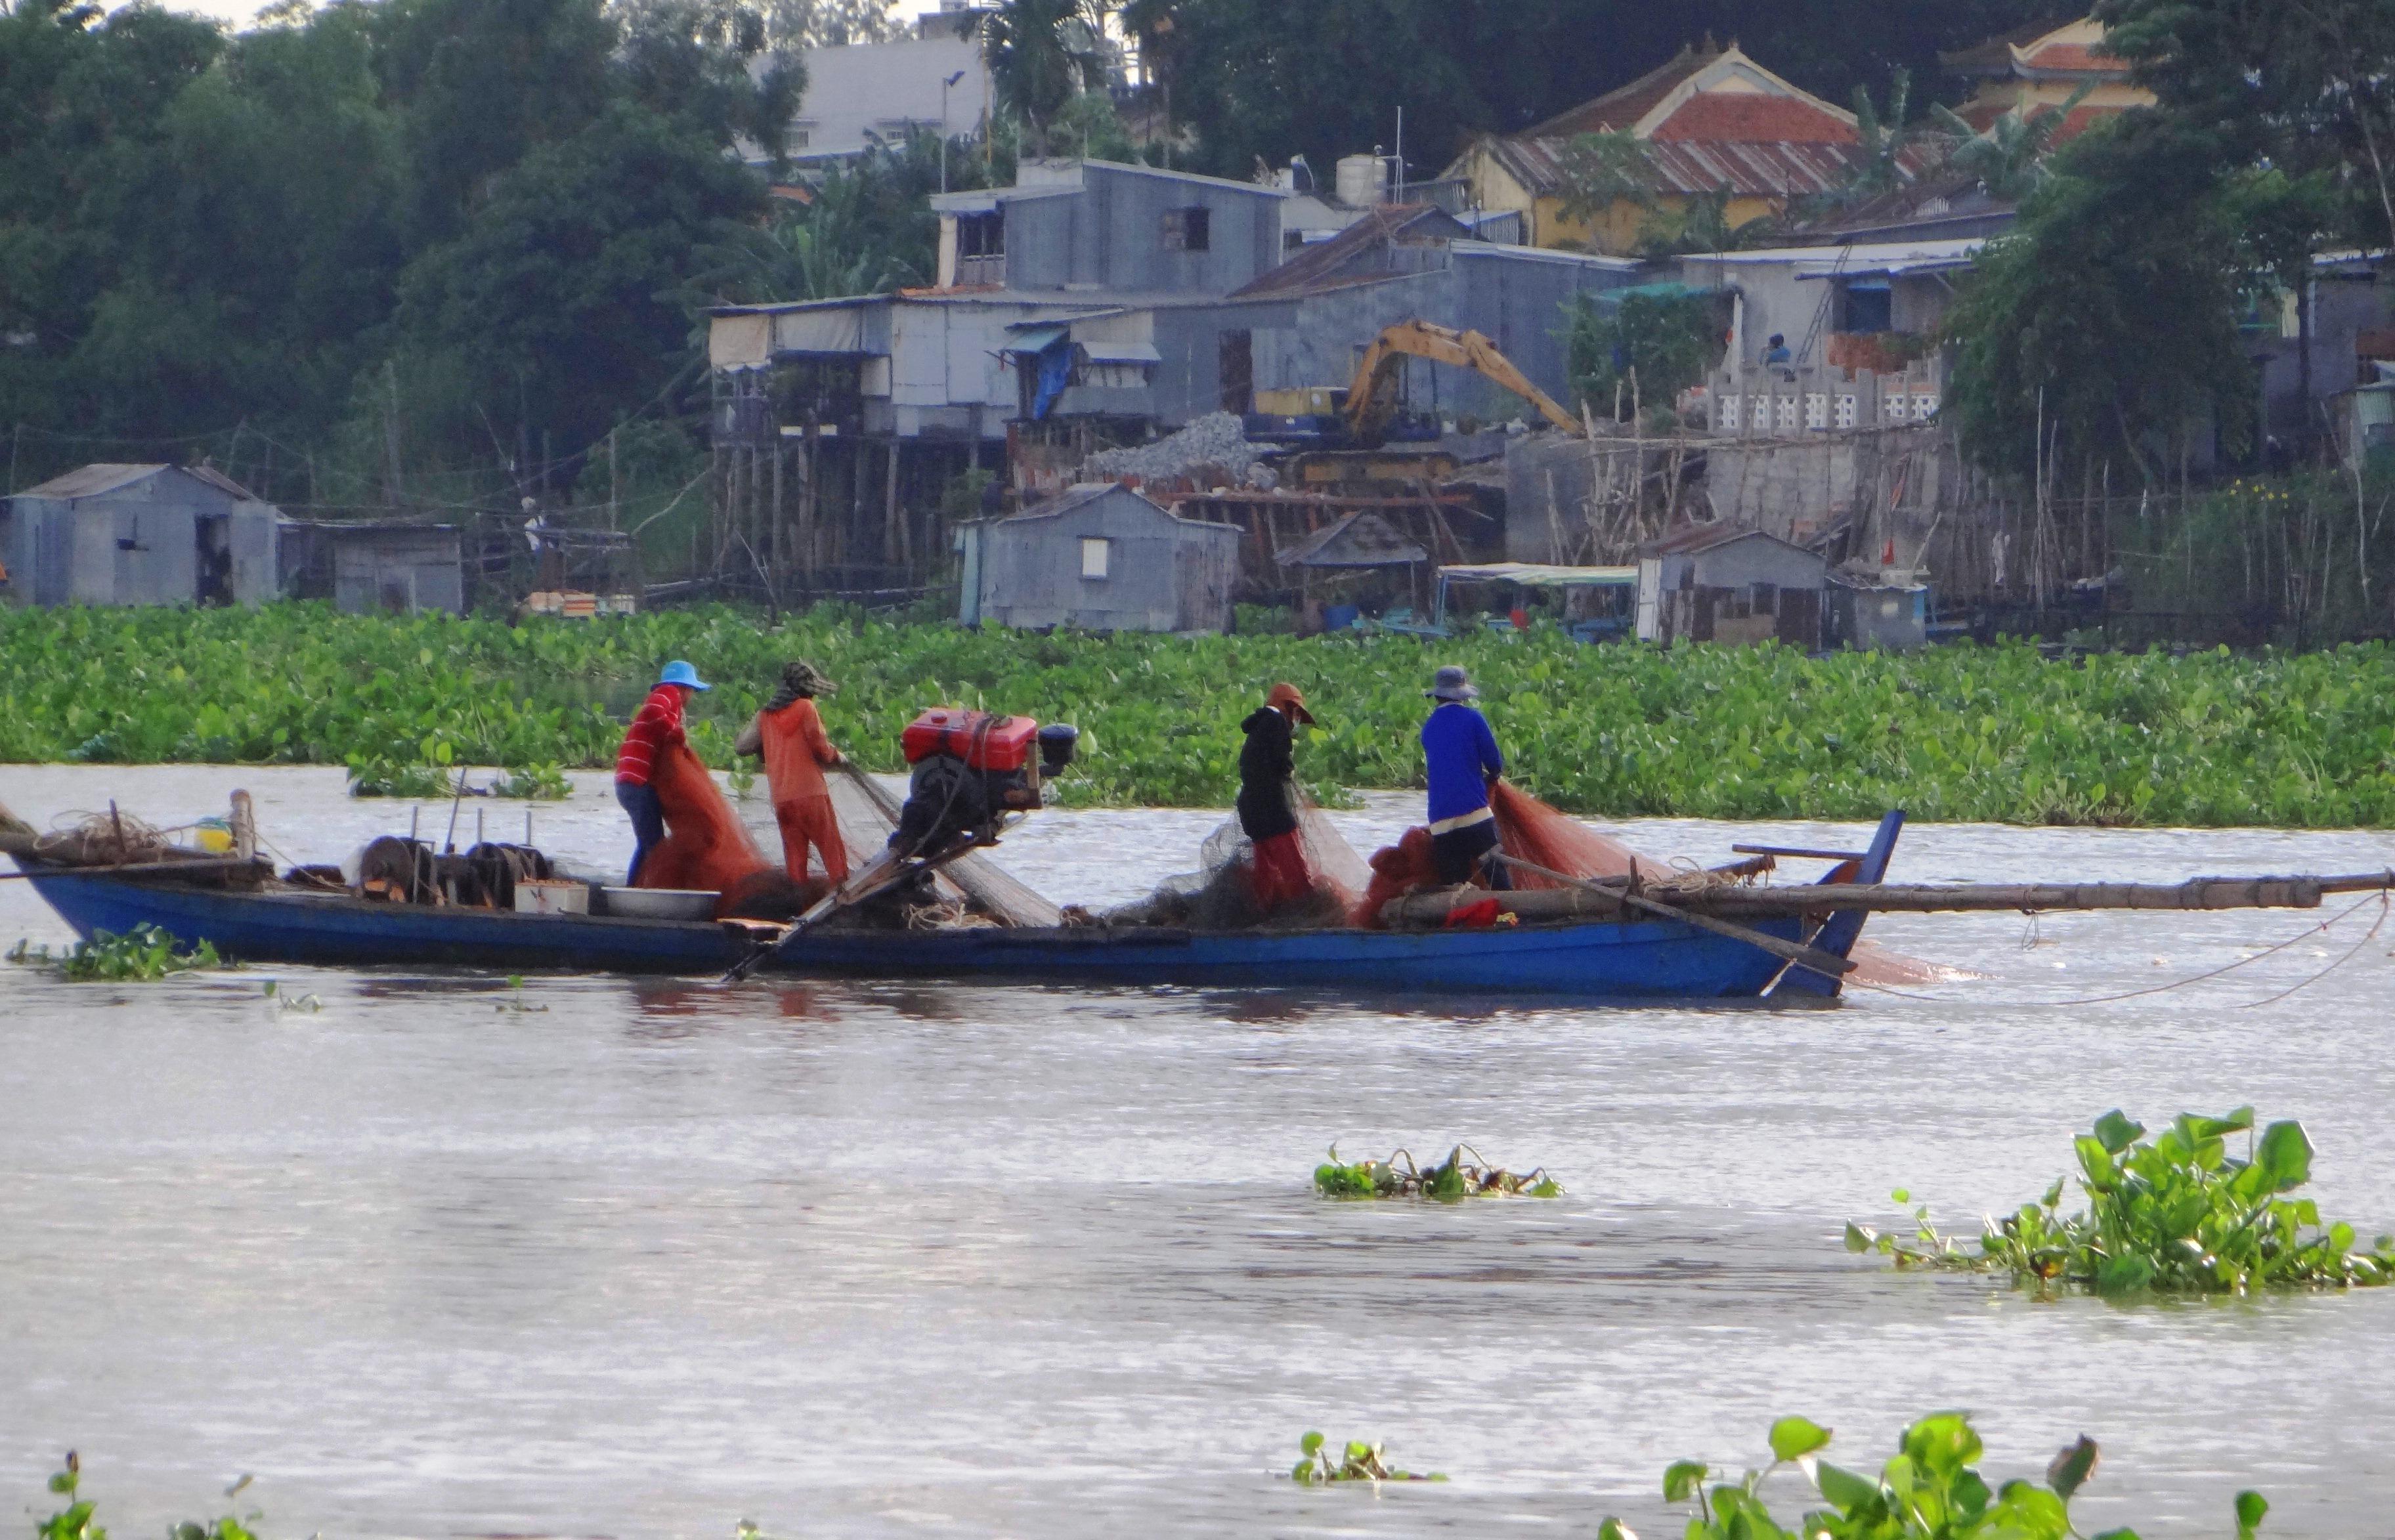 Những dòng sông ở đồng bằng sông Cửu Long ngày càng cạn kiệt cá, tôm khiến cuộc sống của những người dân sống dựa vào sông nước cũng bấp bênh theo